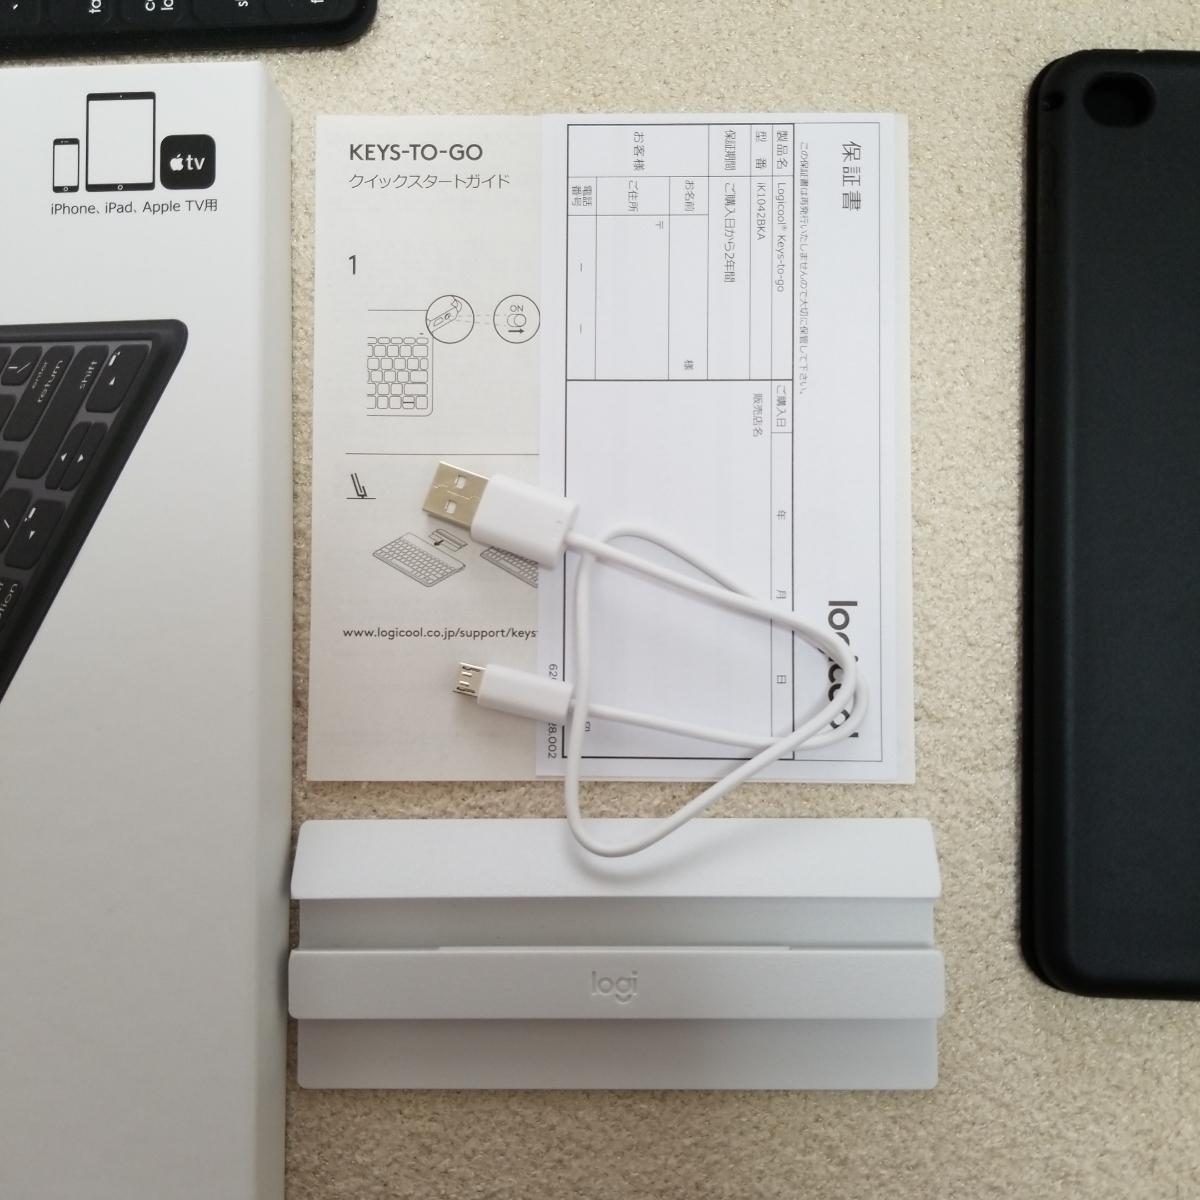 超美品 2018年末購入 ipad mini 本体  128GB A1538 wi-fiモデル Bluetooth ロジクール キーボード ケースおまけ付_画像7